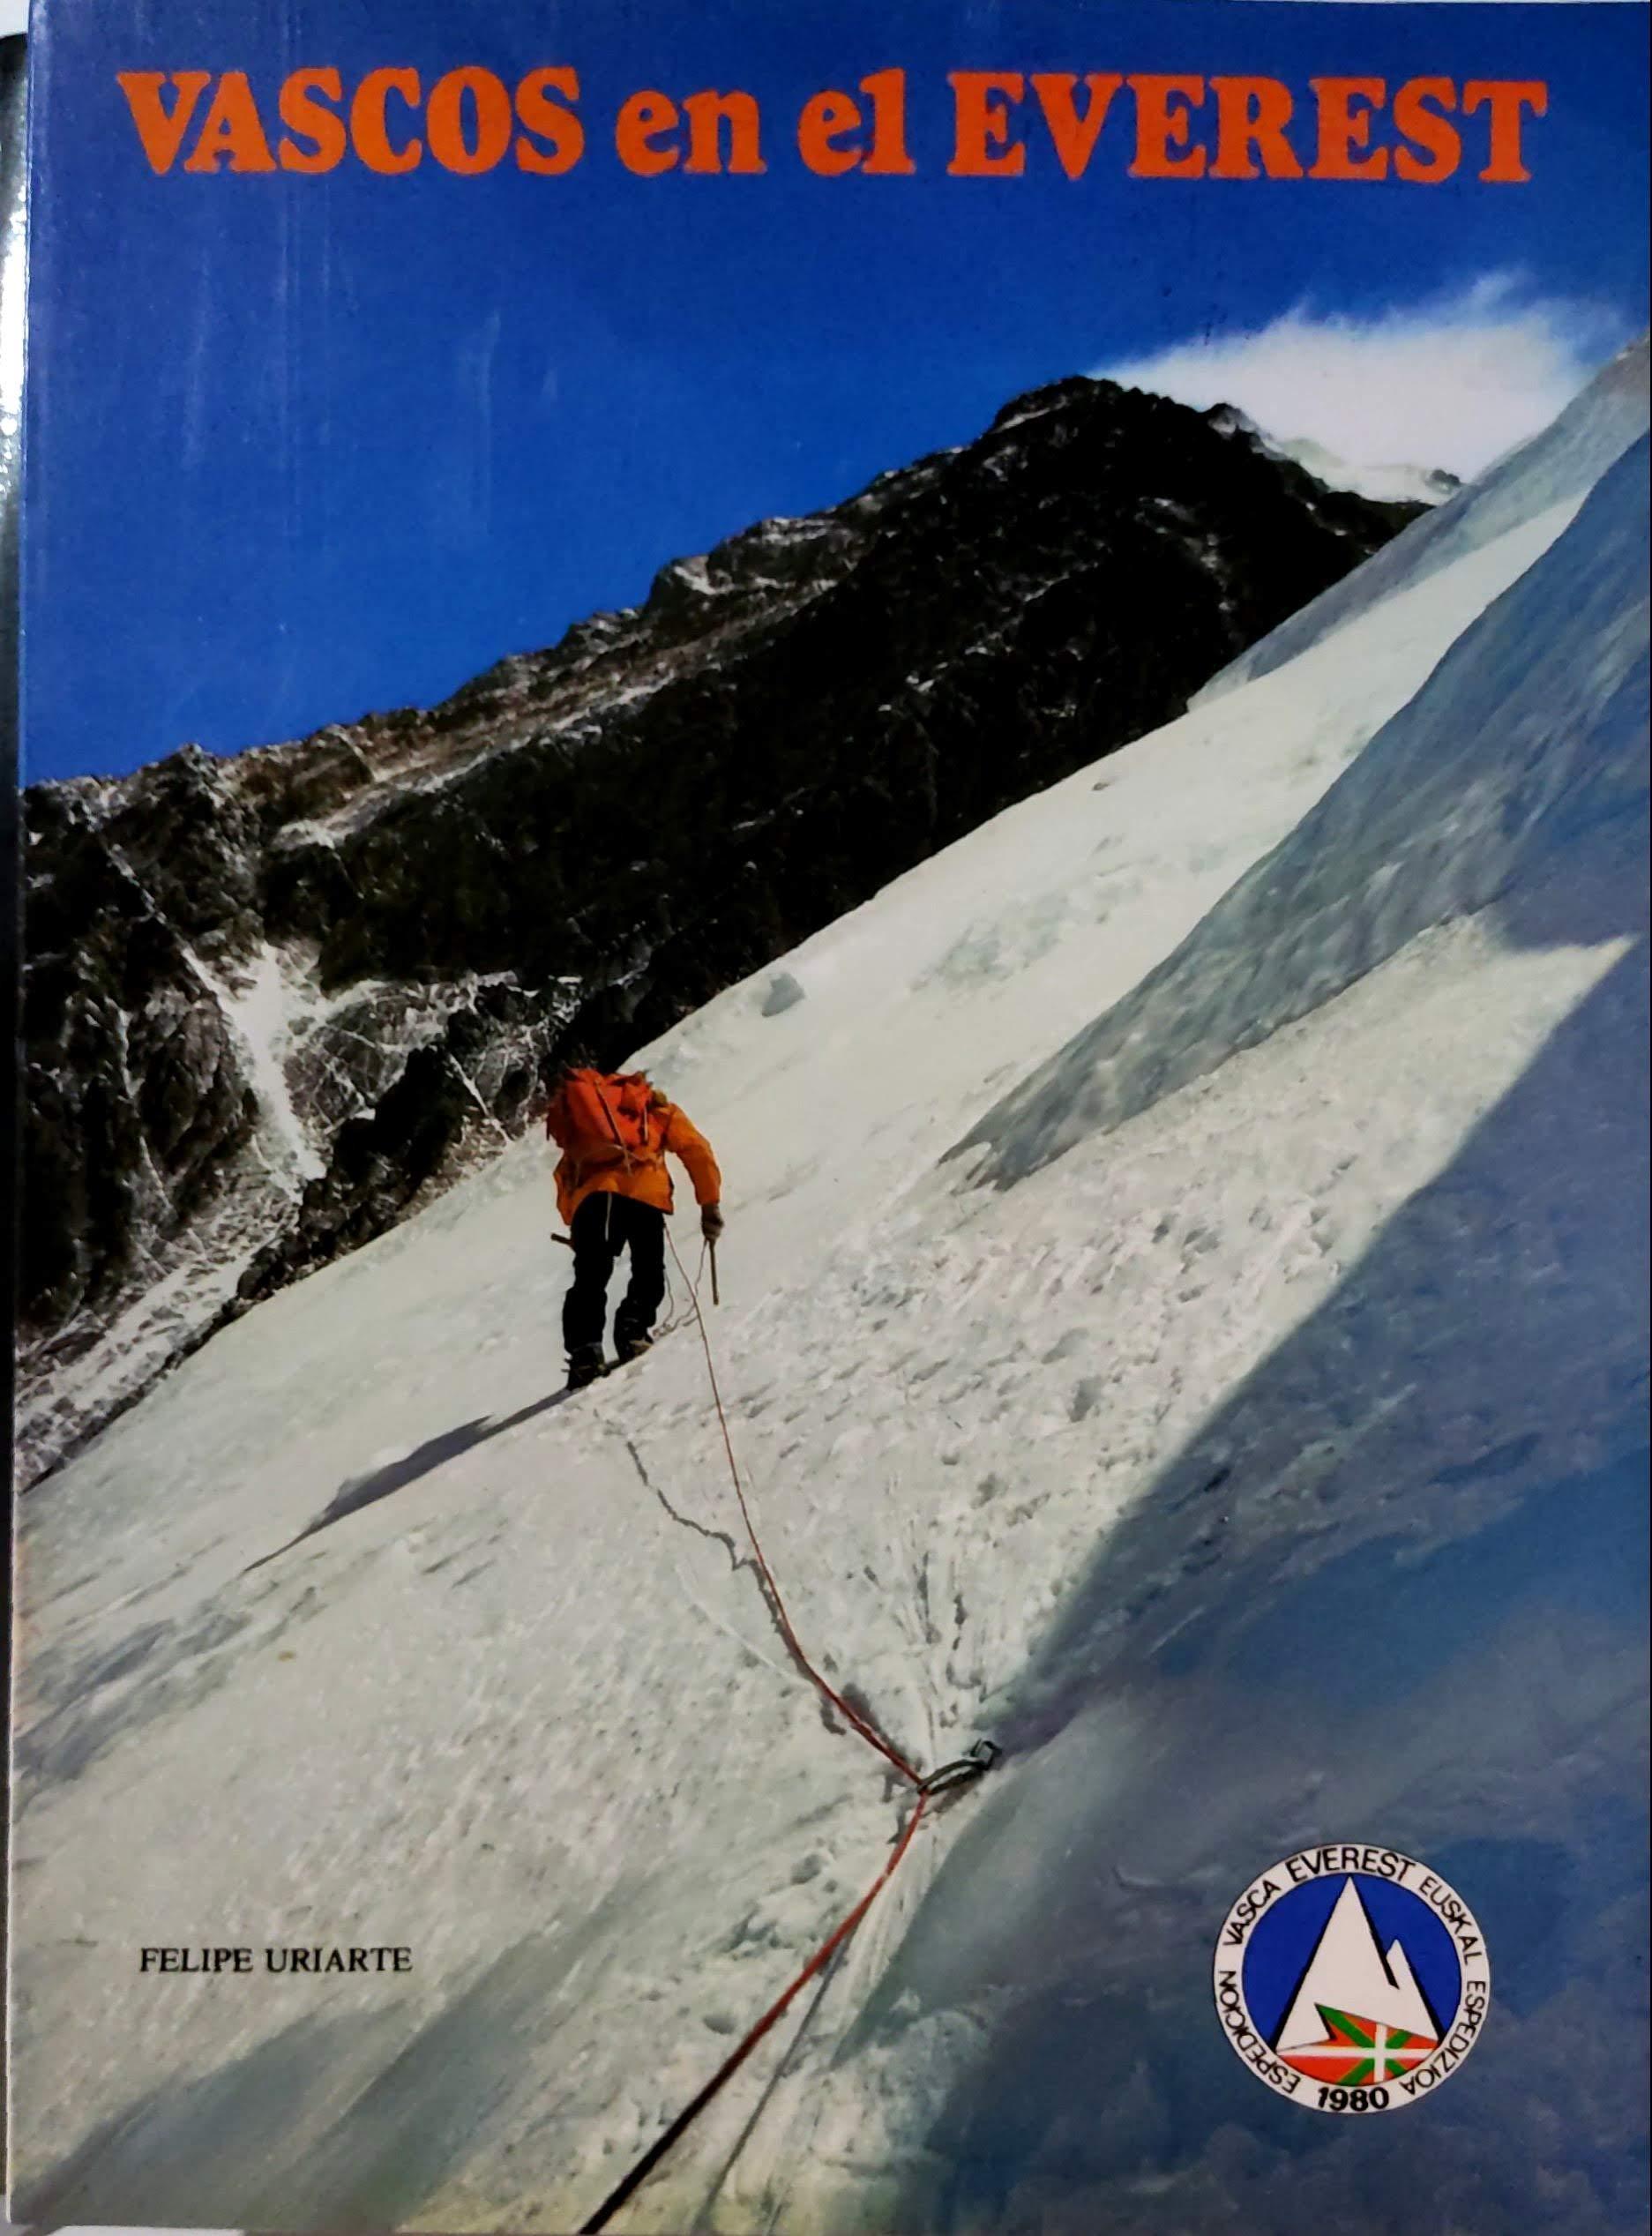 Vascos En El Everest: Amazon.es: Uriarte, Felipe: Libros